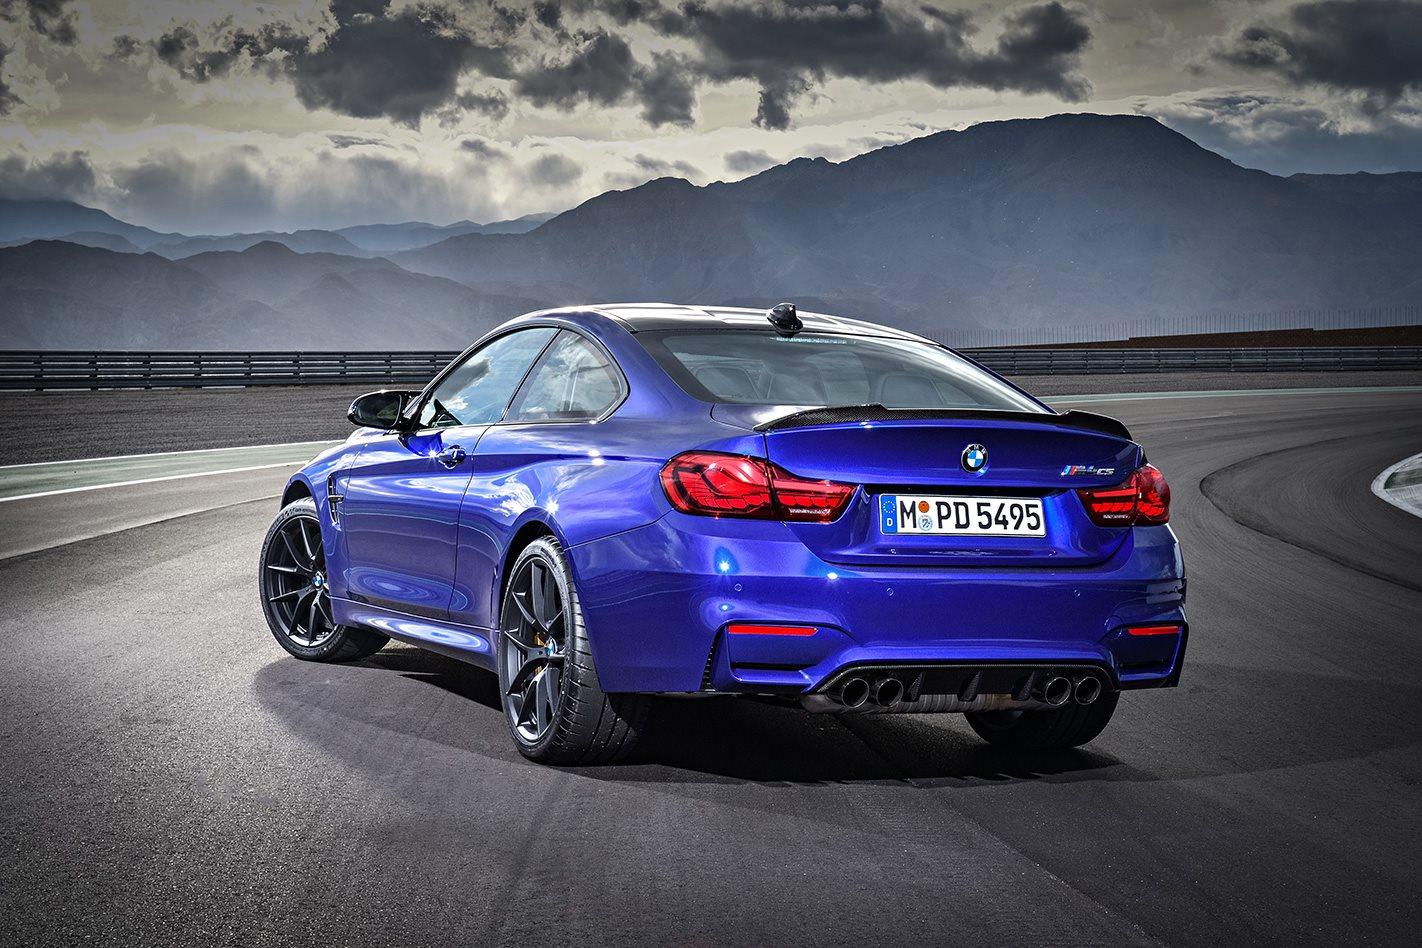 2018 BMW M4 CS rear